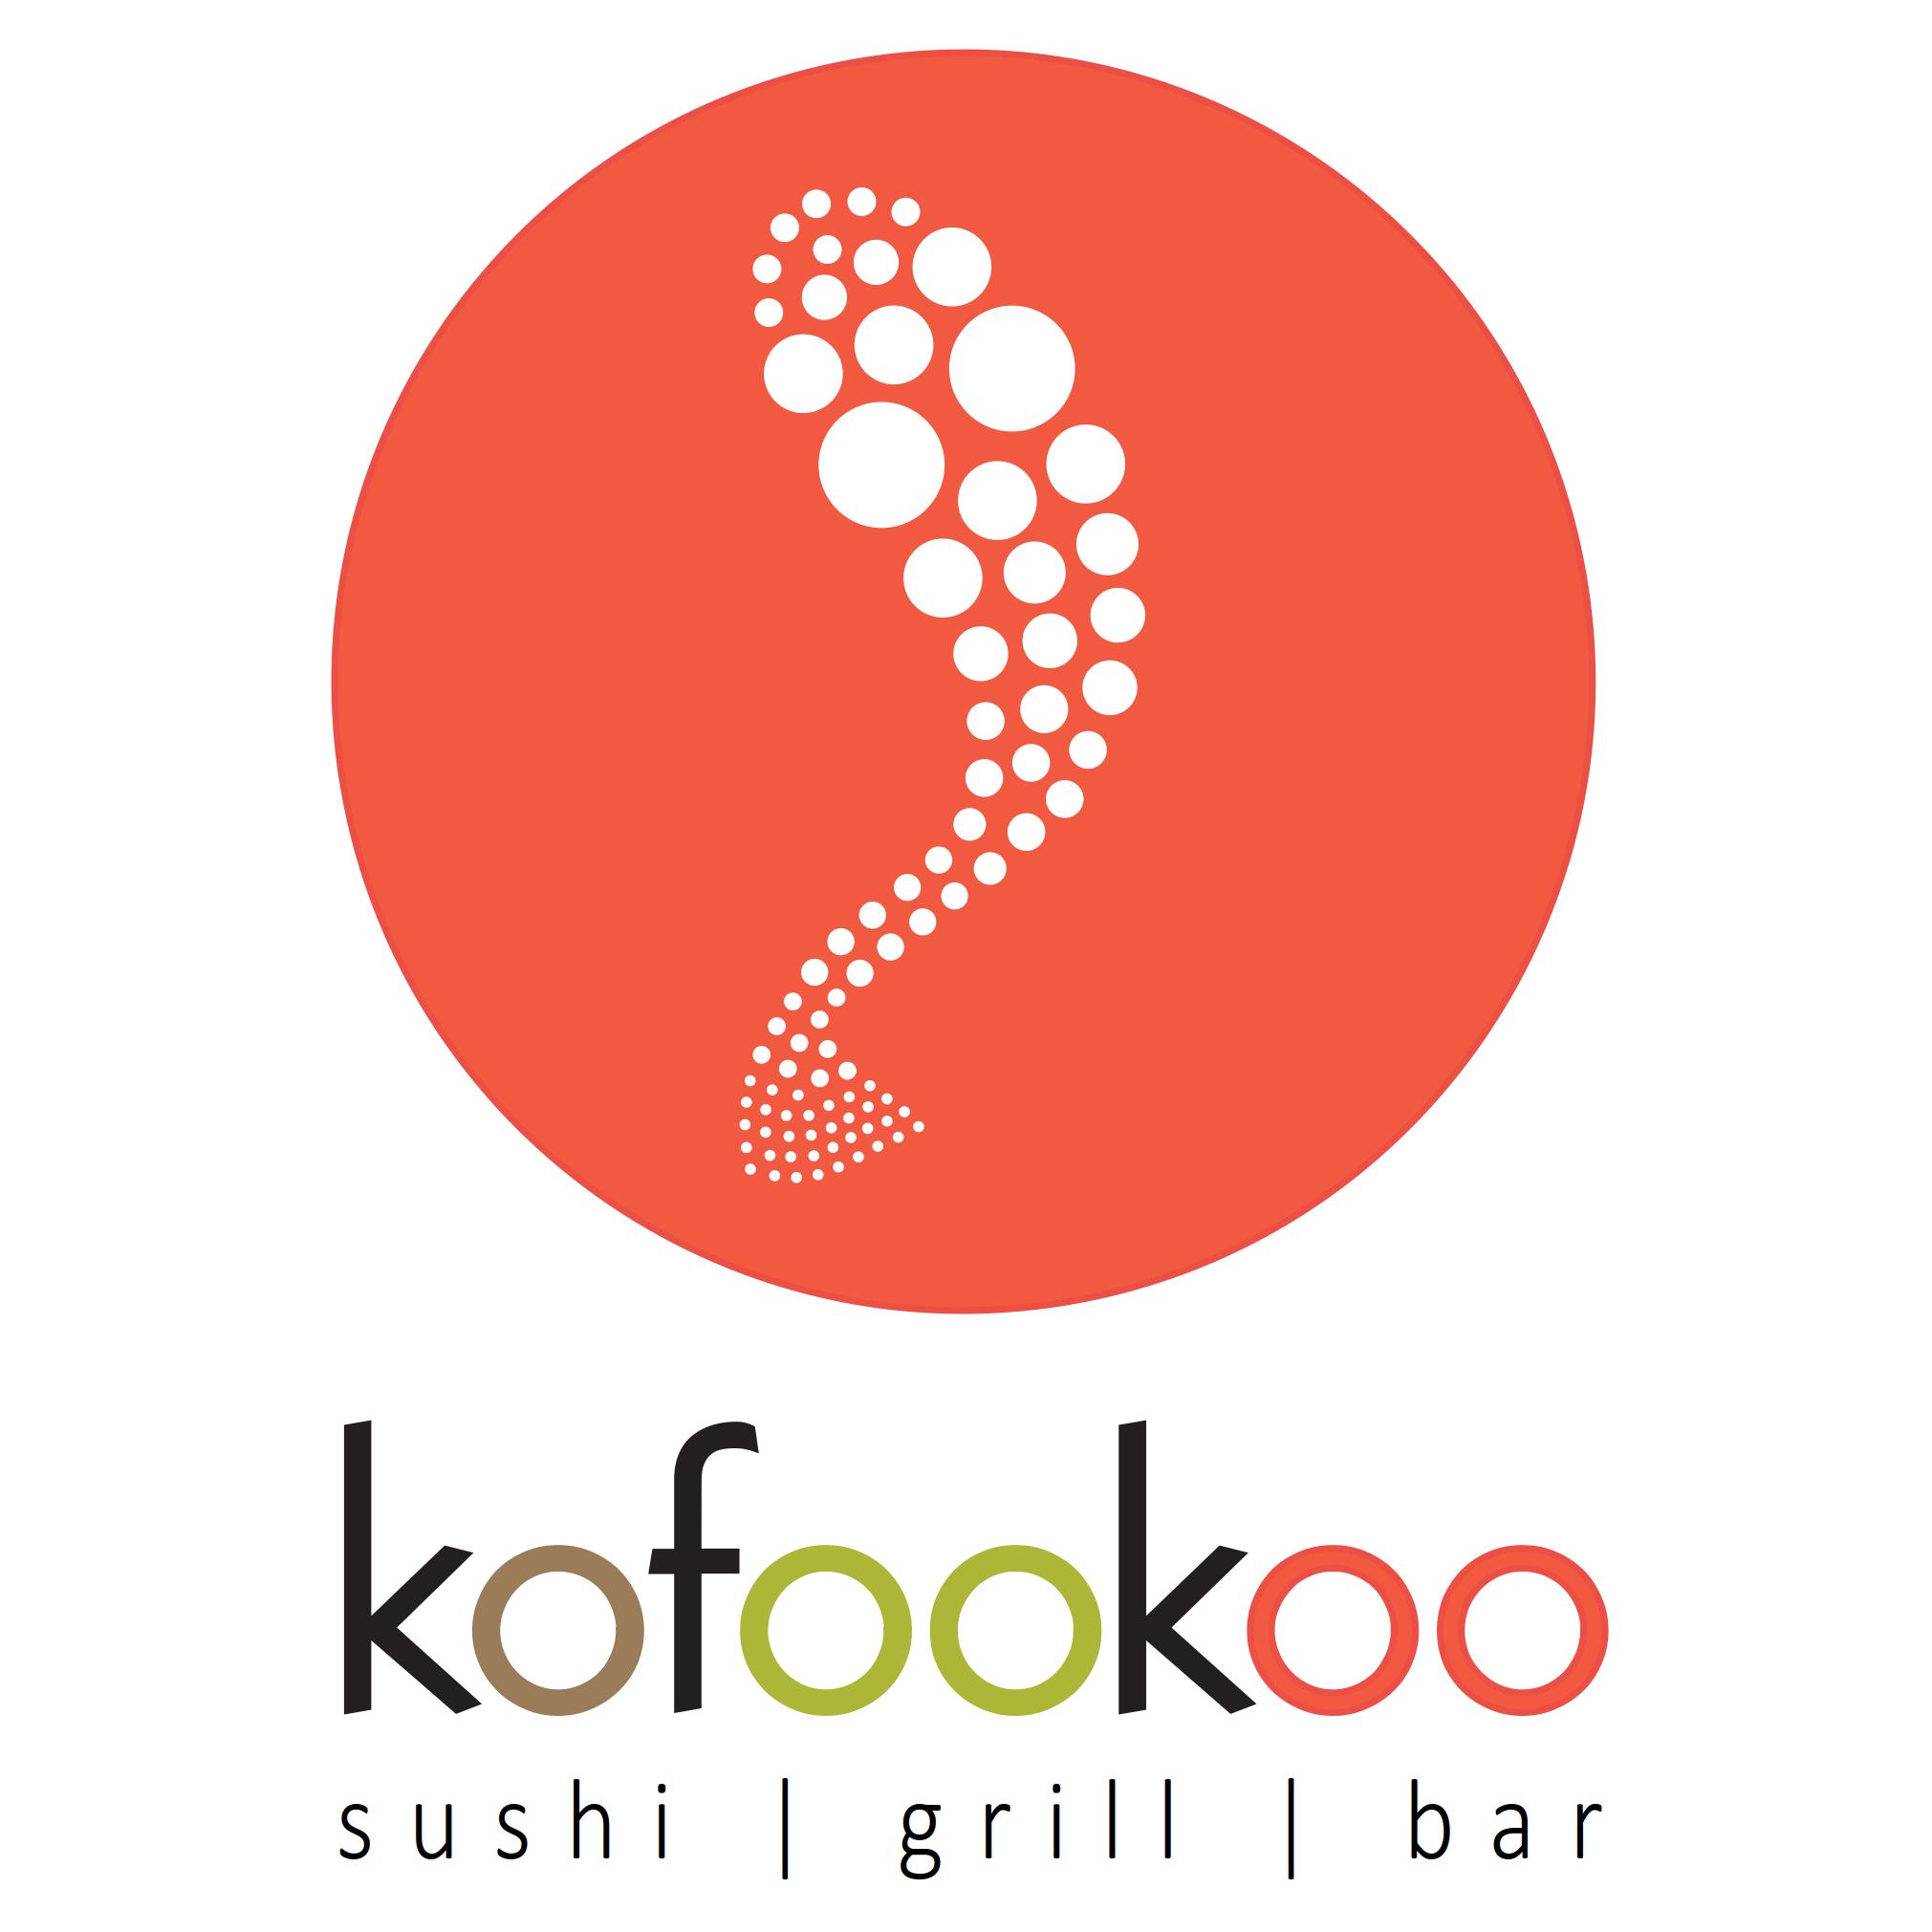 kofookoo - sushi grill bar